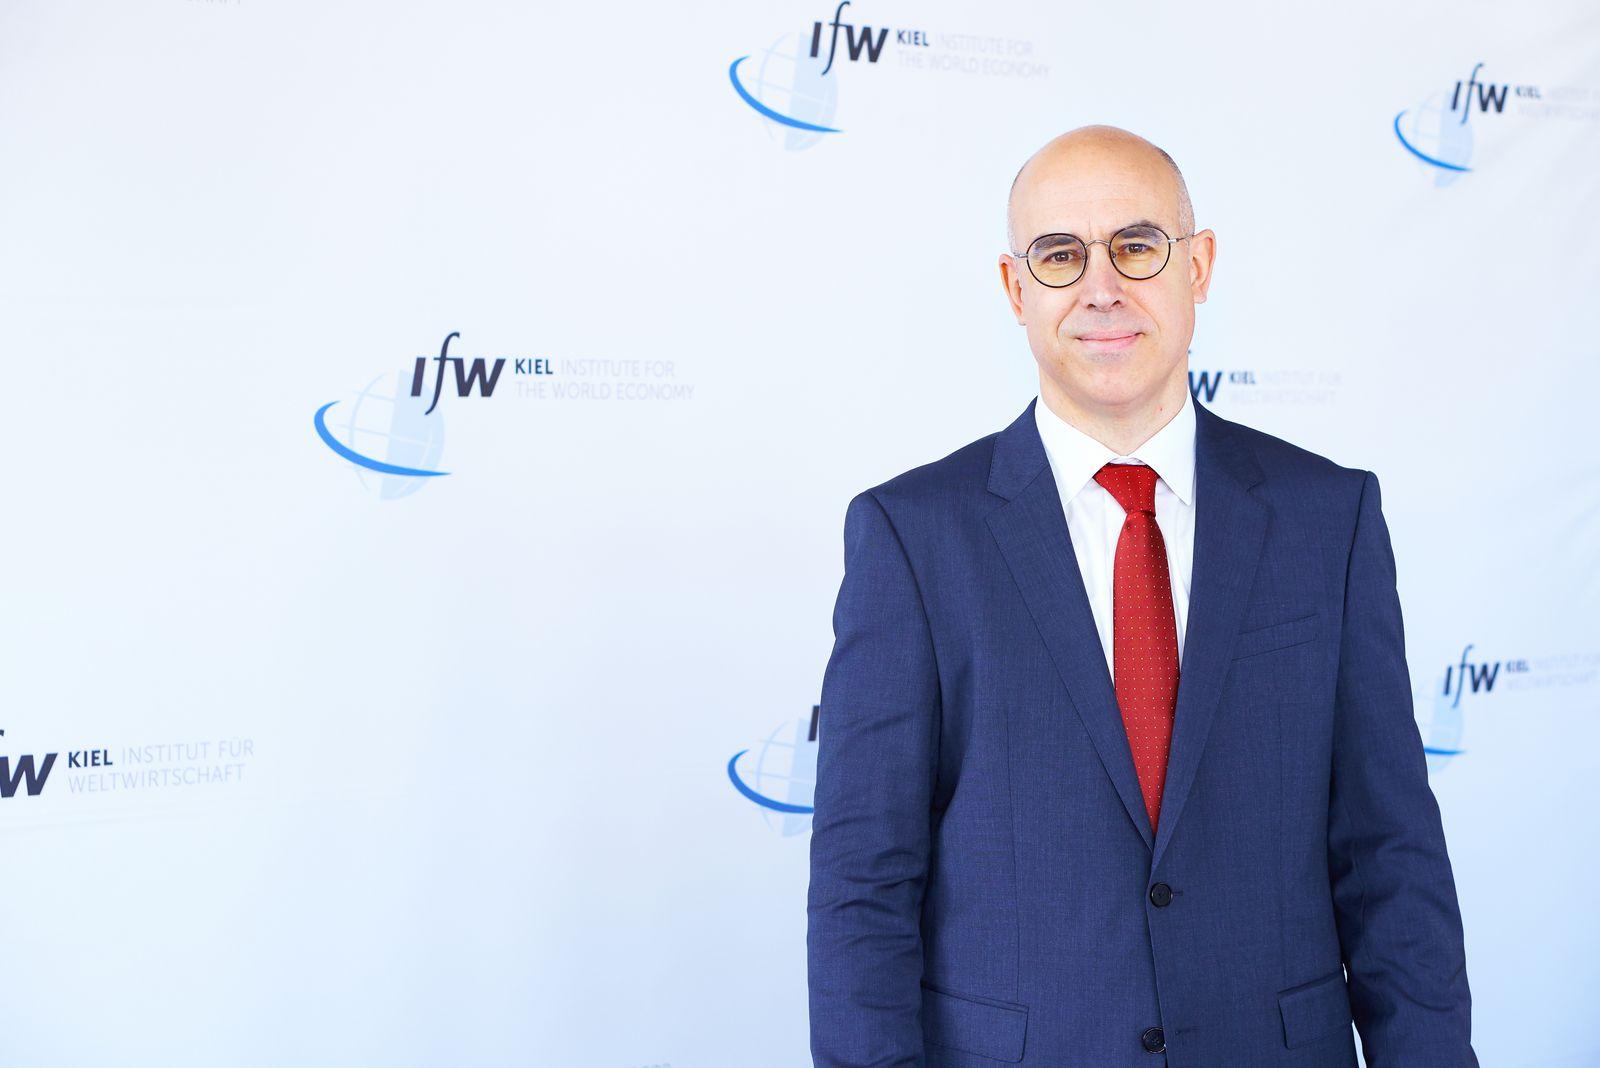 Gabriel Felbermayr / IfW Kiel